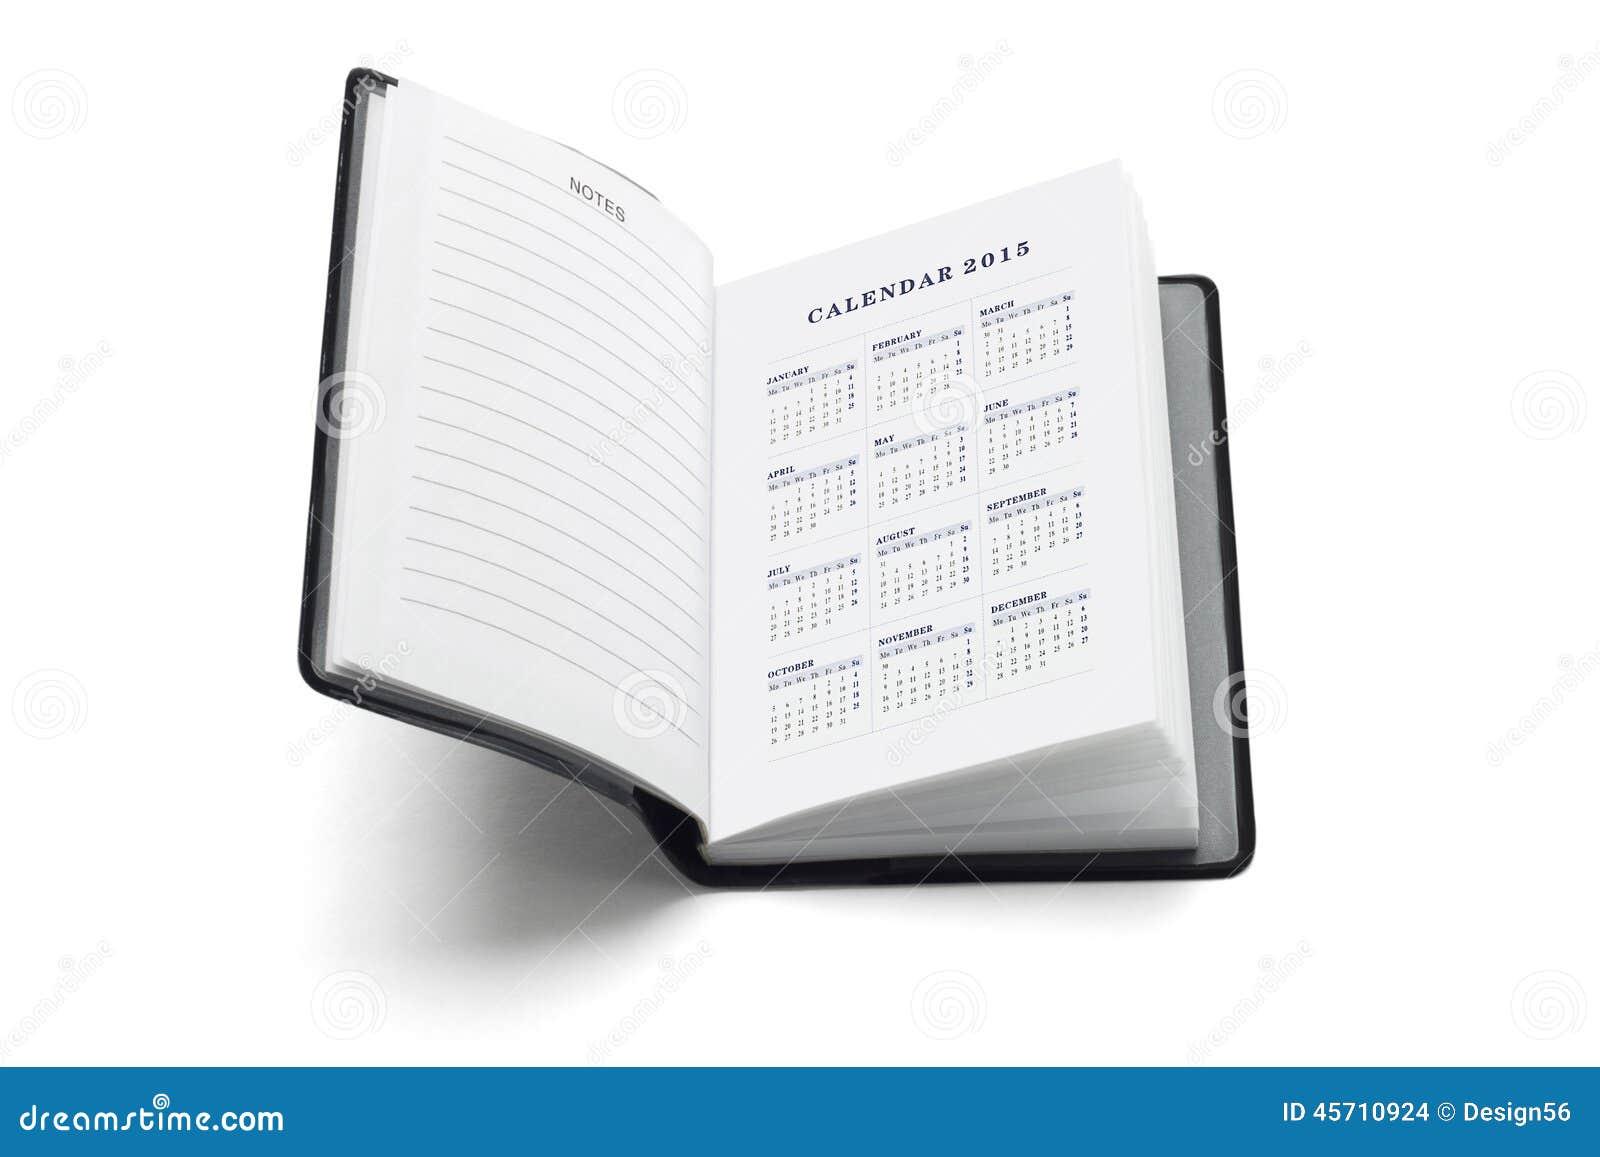 2015 calendar in pocket diary stock photo